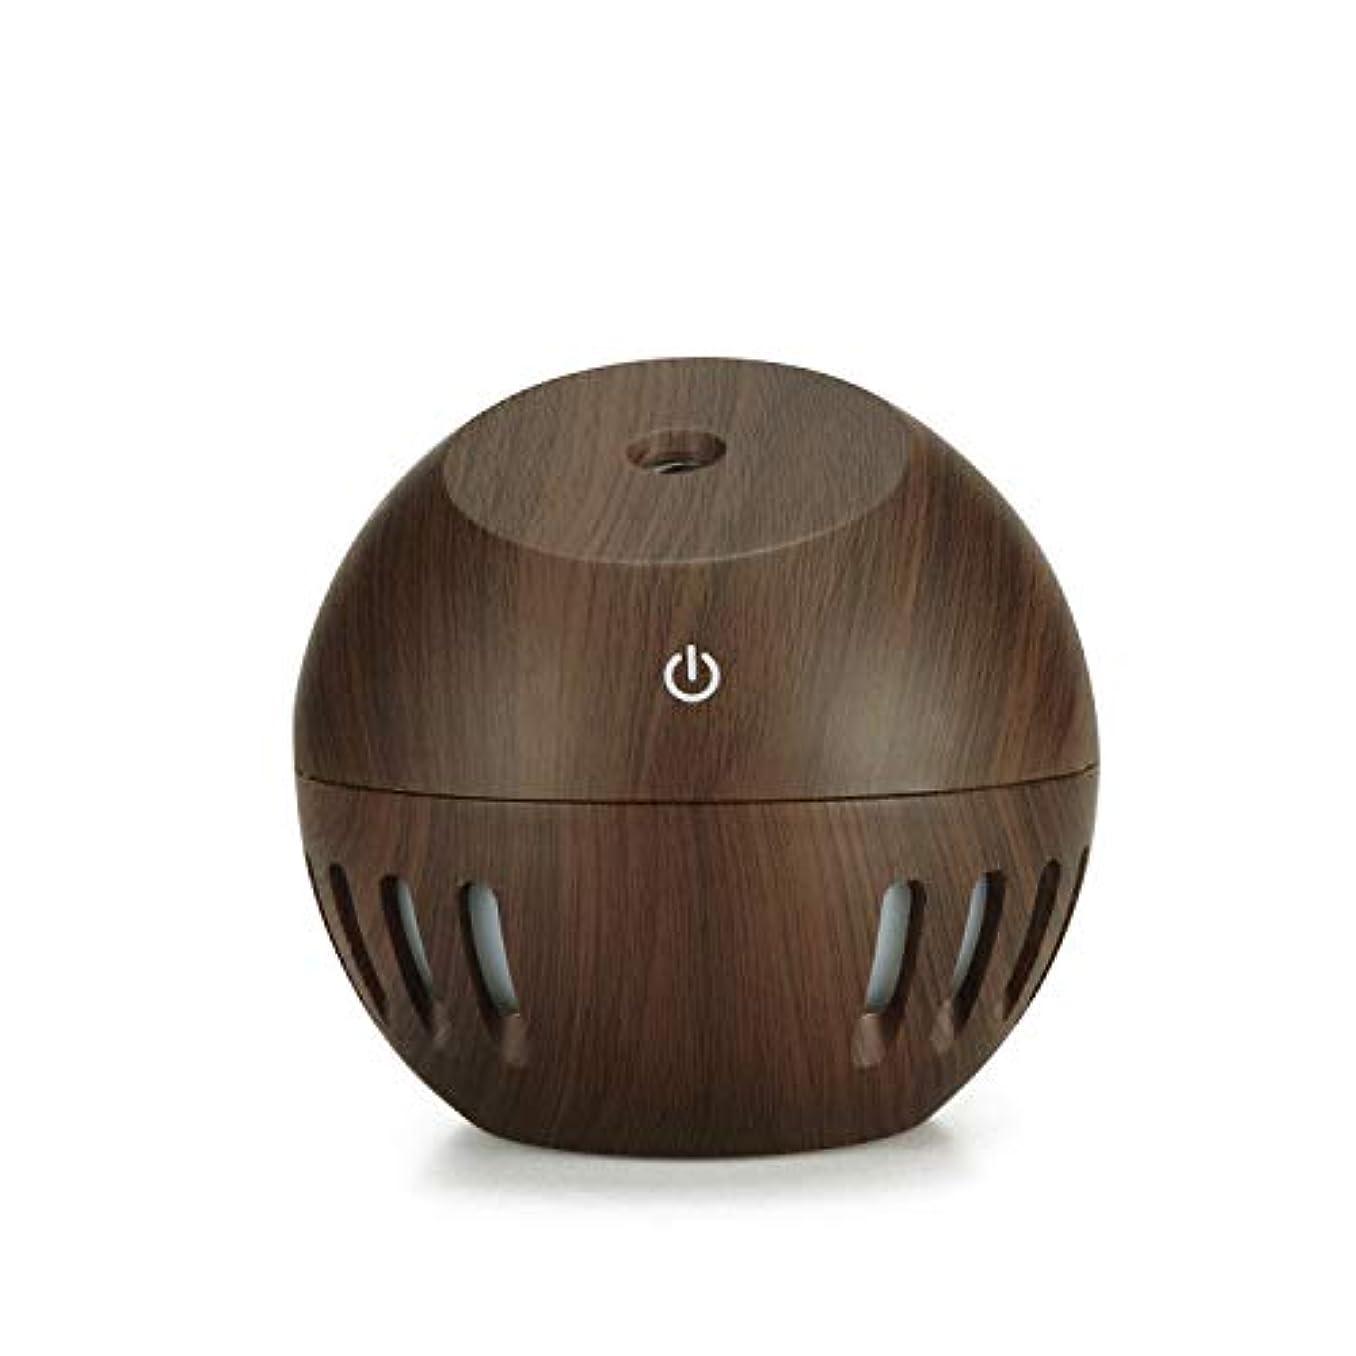 ピニオンベッドを作る劇作家130ml Essential Oils Diffuser Electric Cool Mist Aroma Diffuser For Home, Yoga, Bedroom